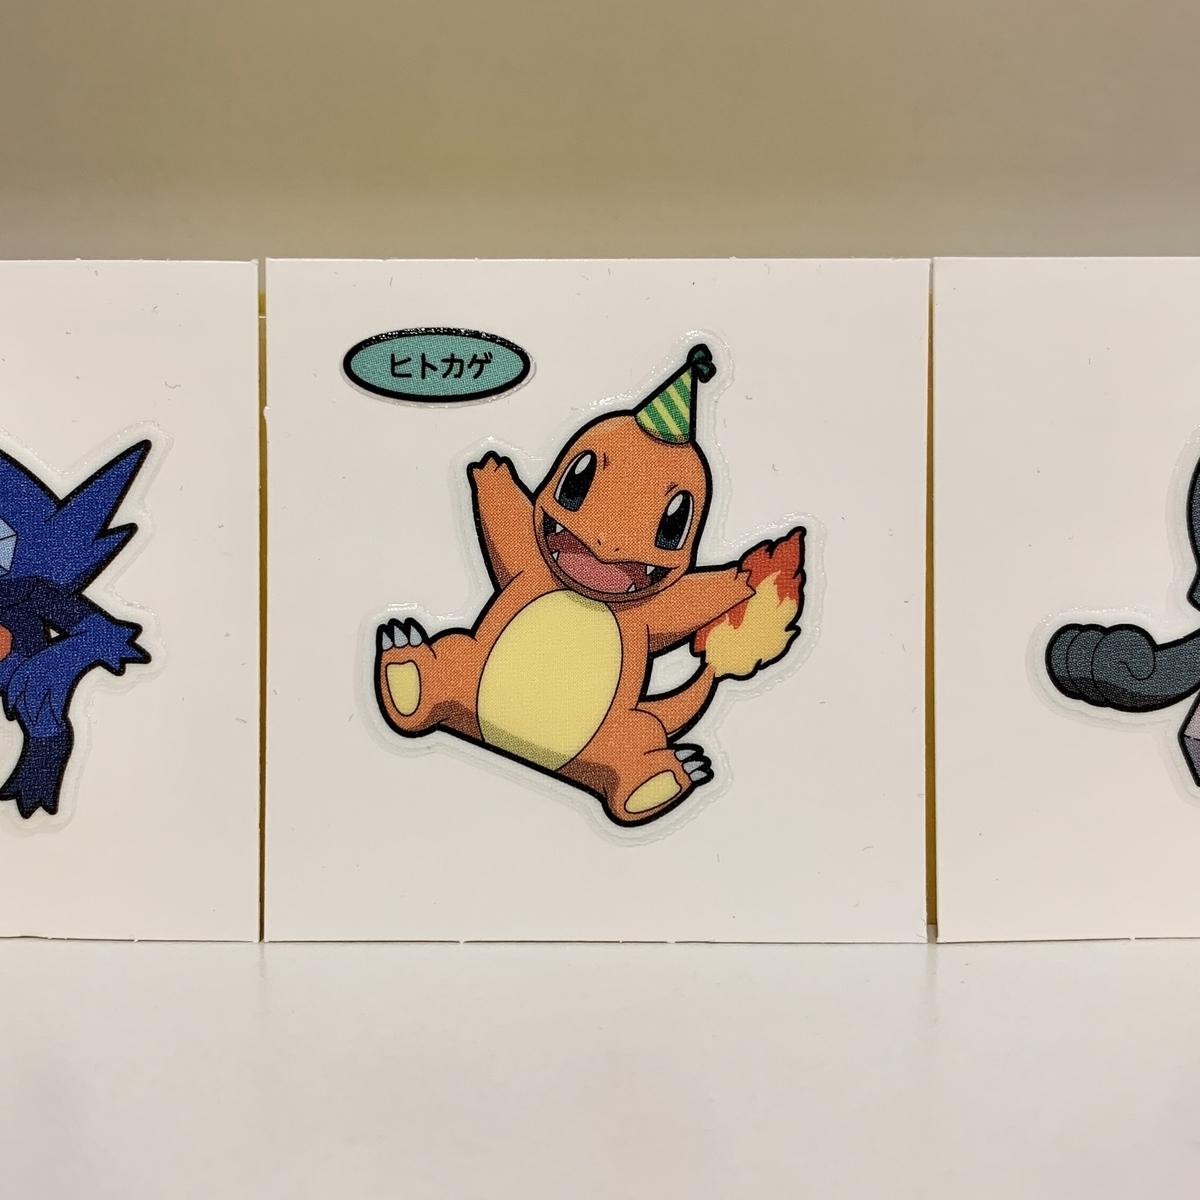 f:id:pikachu_pcn:20200927190022j:plain